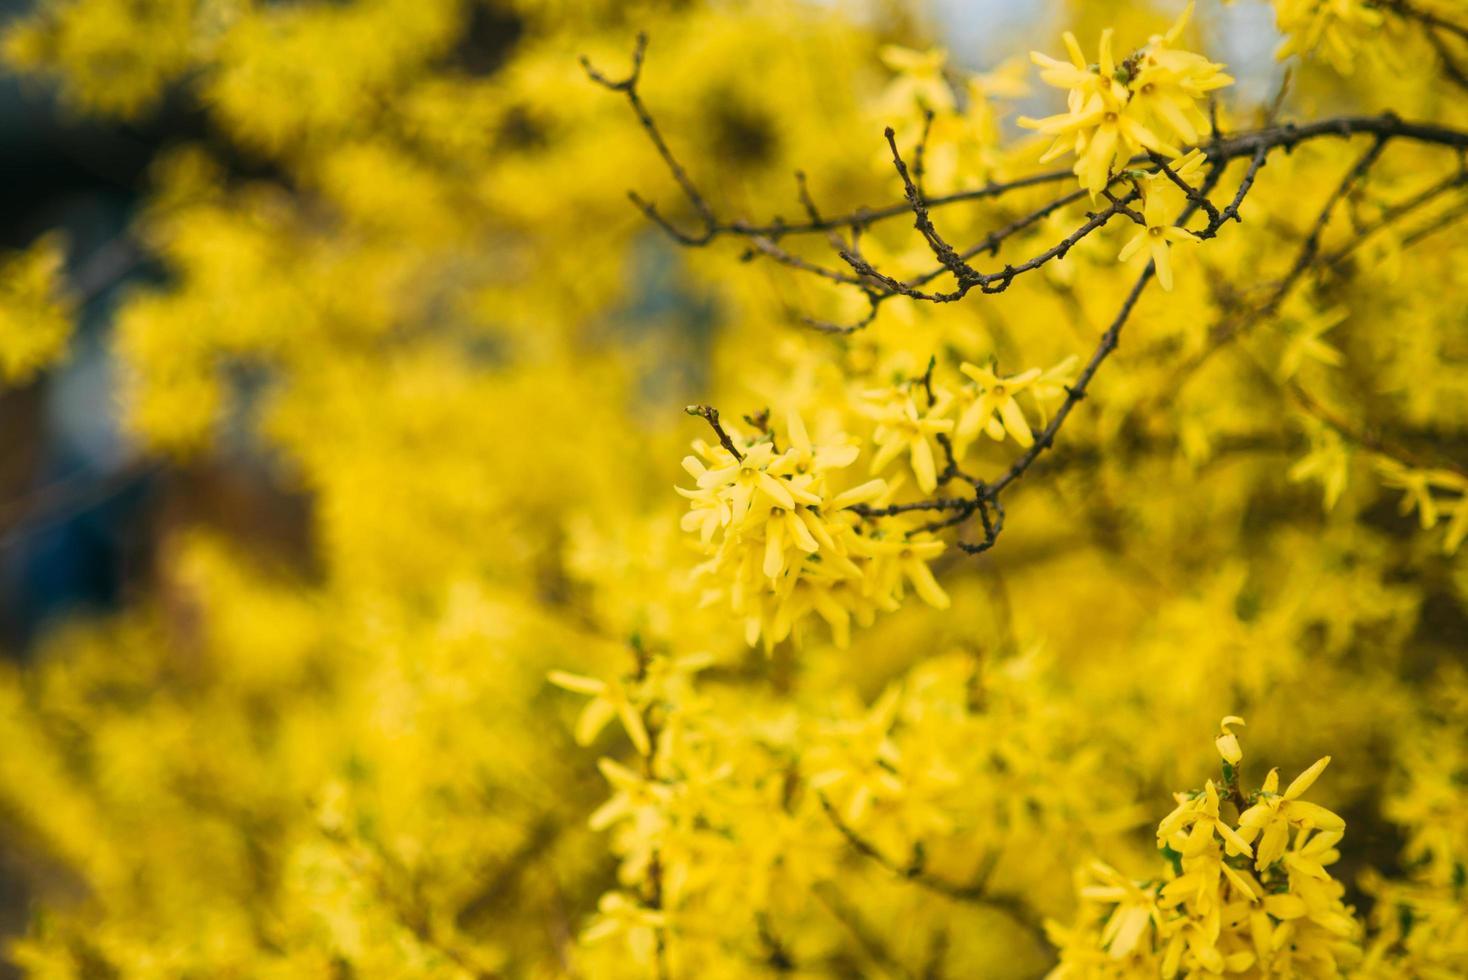 árbol amarillo floreciendo foto